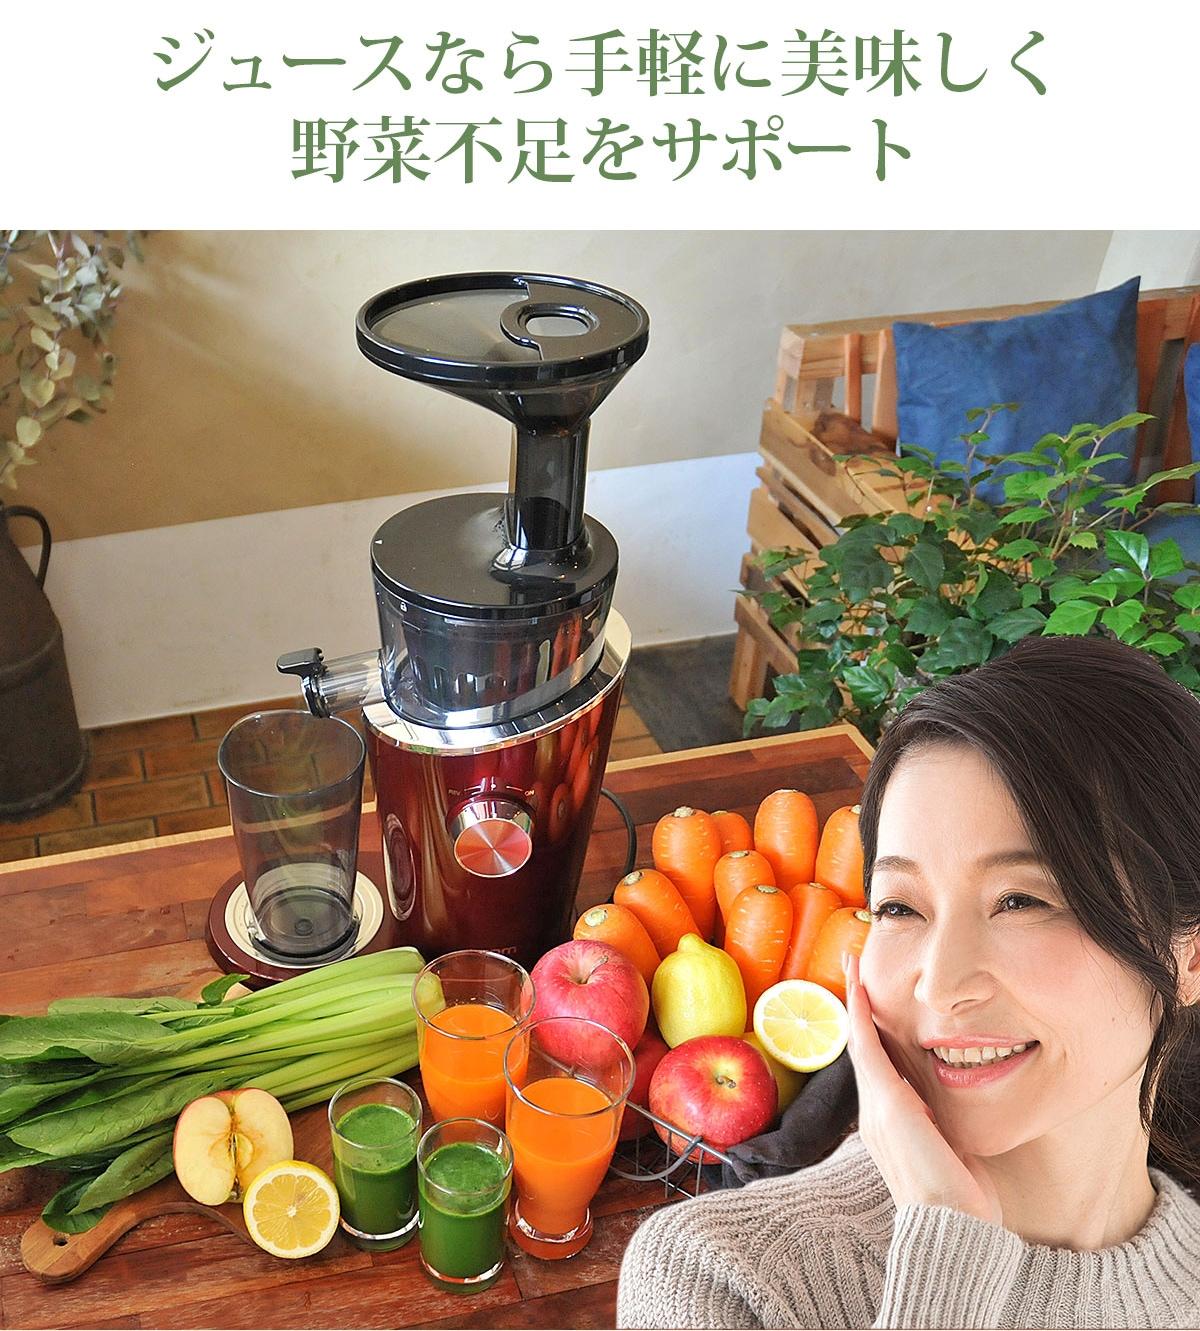 ジュースなら手軽に美味しく野菜不足をサポート